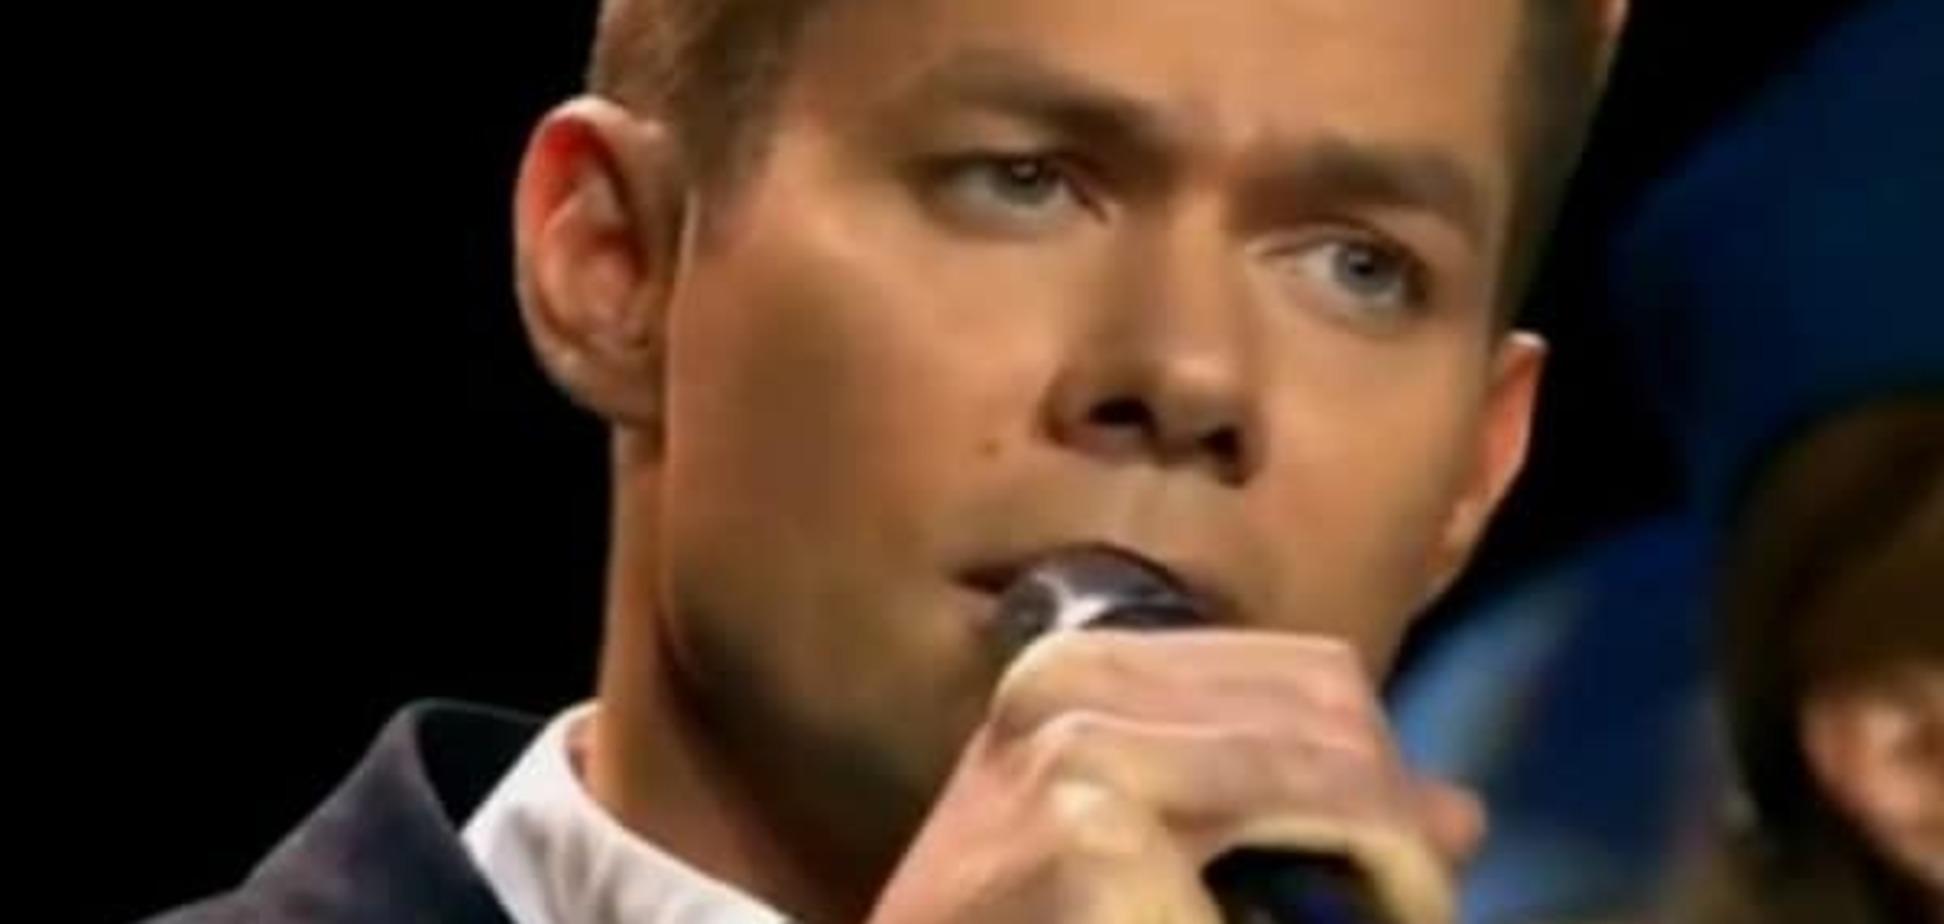 Известный российский певец посвятил песню 'путинским гумконвоям'